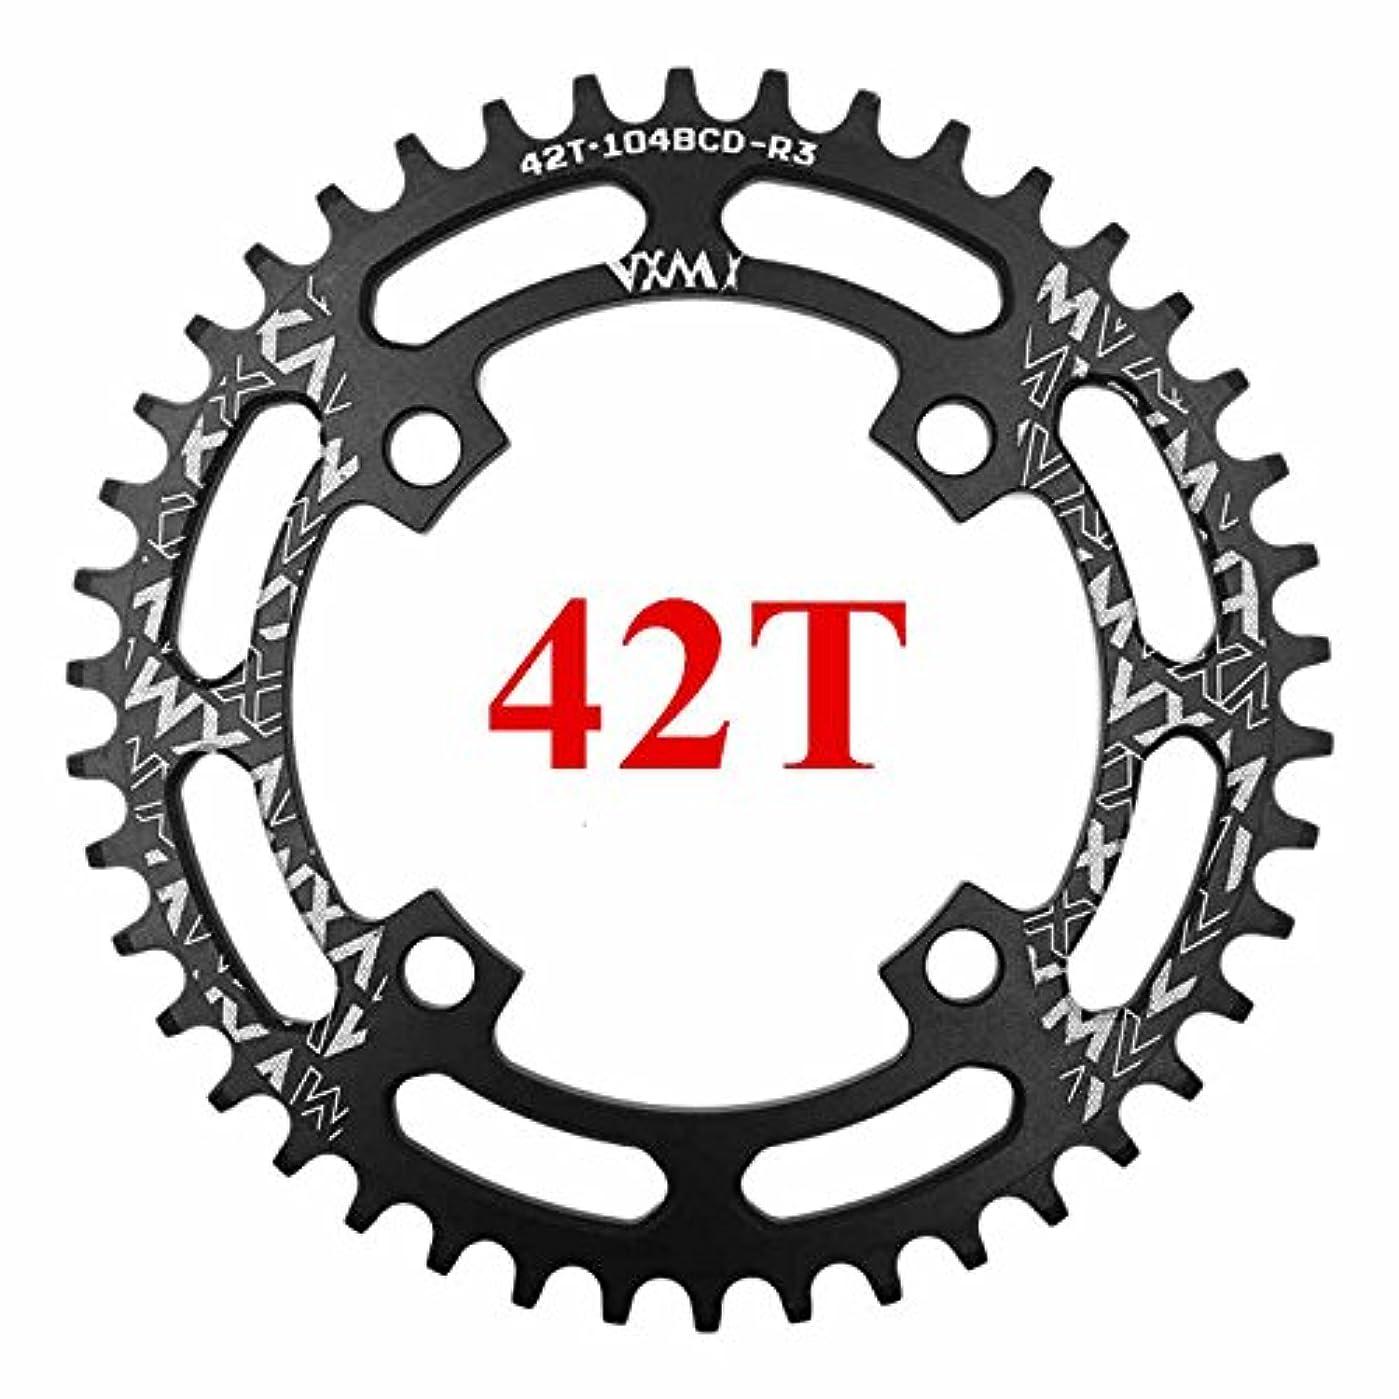 子羊金曜日発行Propenary - 自転車104BCDクランクオーバルラウンド30T 32T 34T 36T 38T 40T 42T 44T 46T 48T 50T 52TチェーンホイールXT狭い広い自転車チェーンリング[ラウンド42Tブラック]